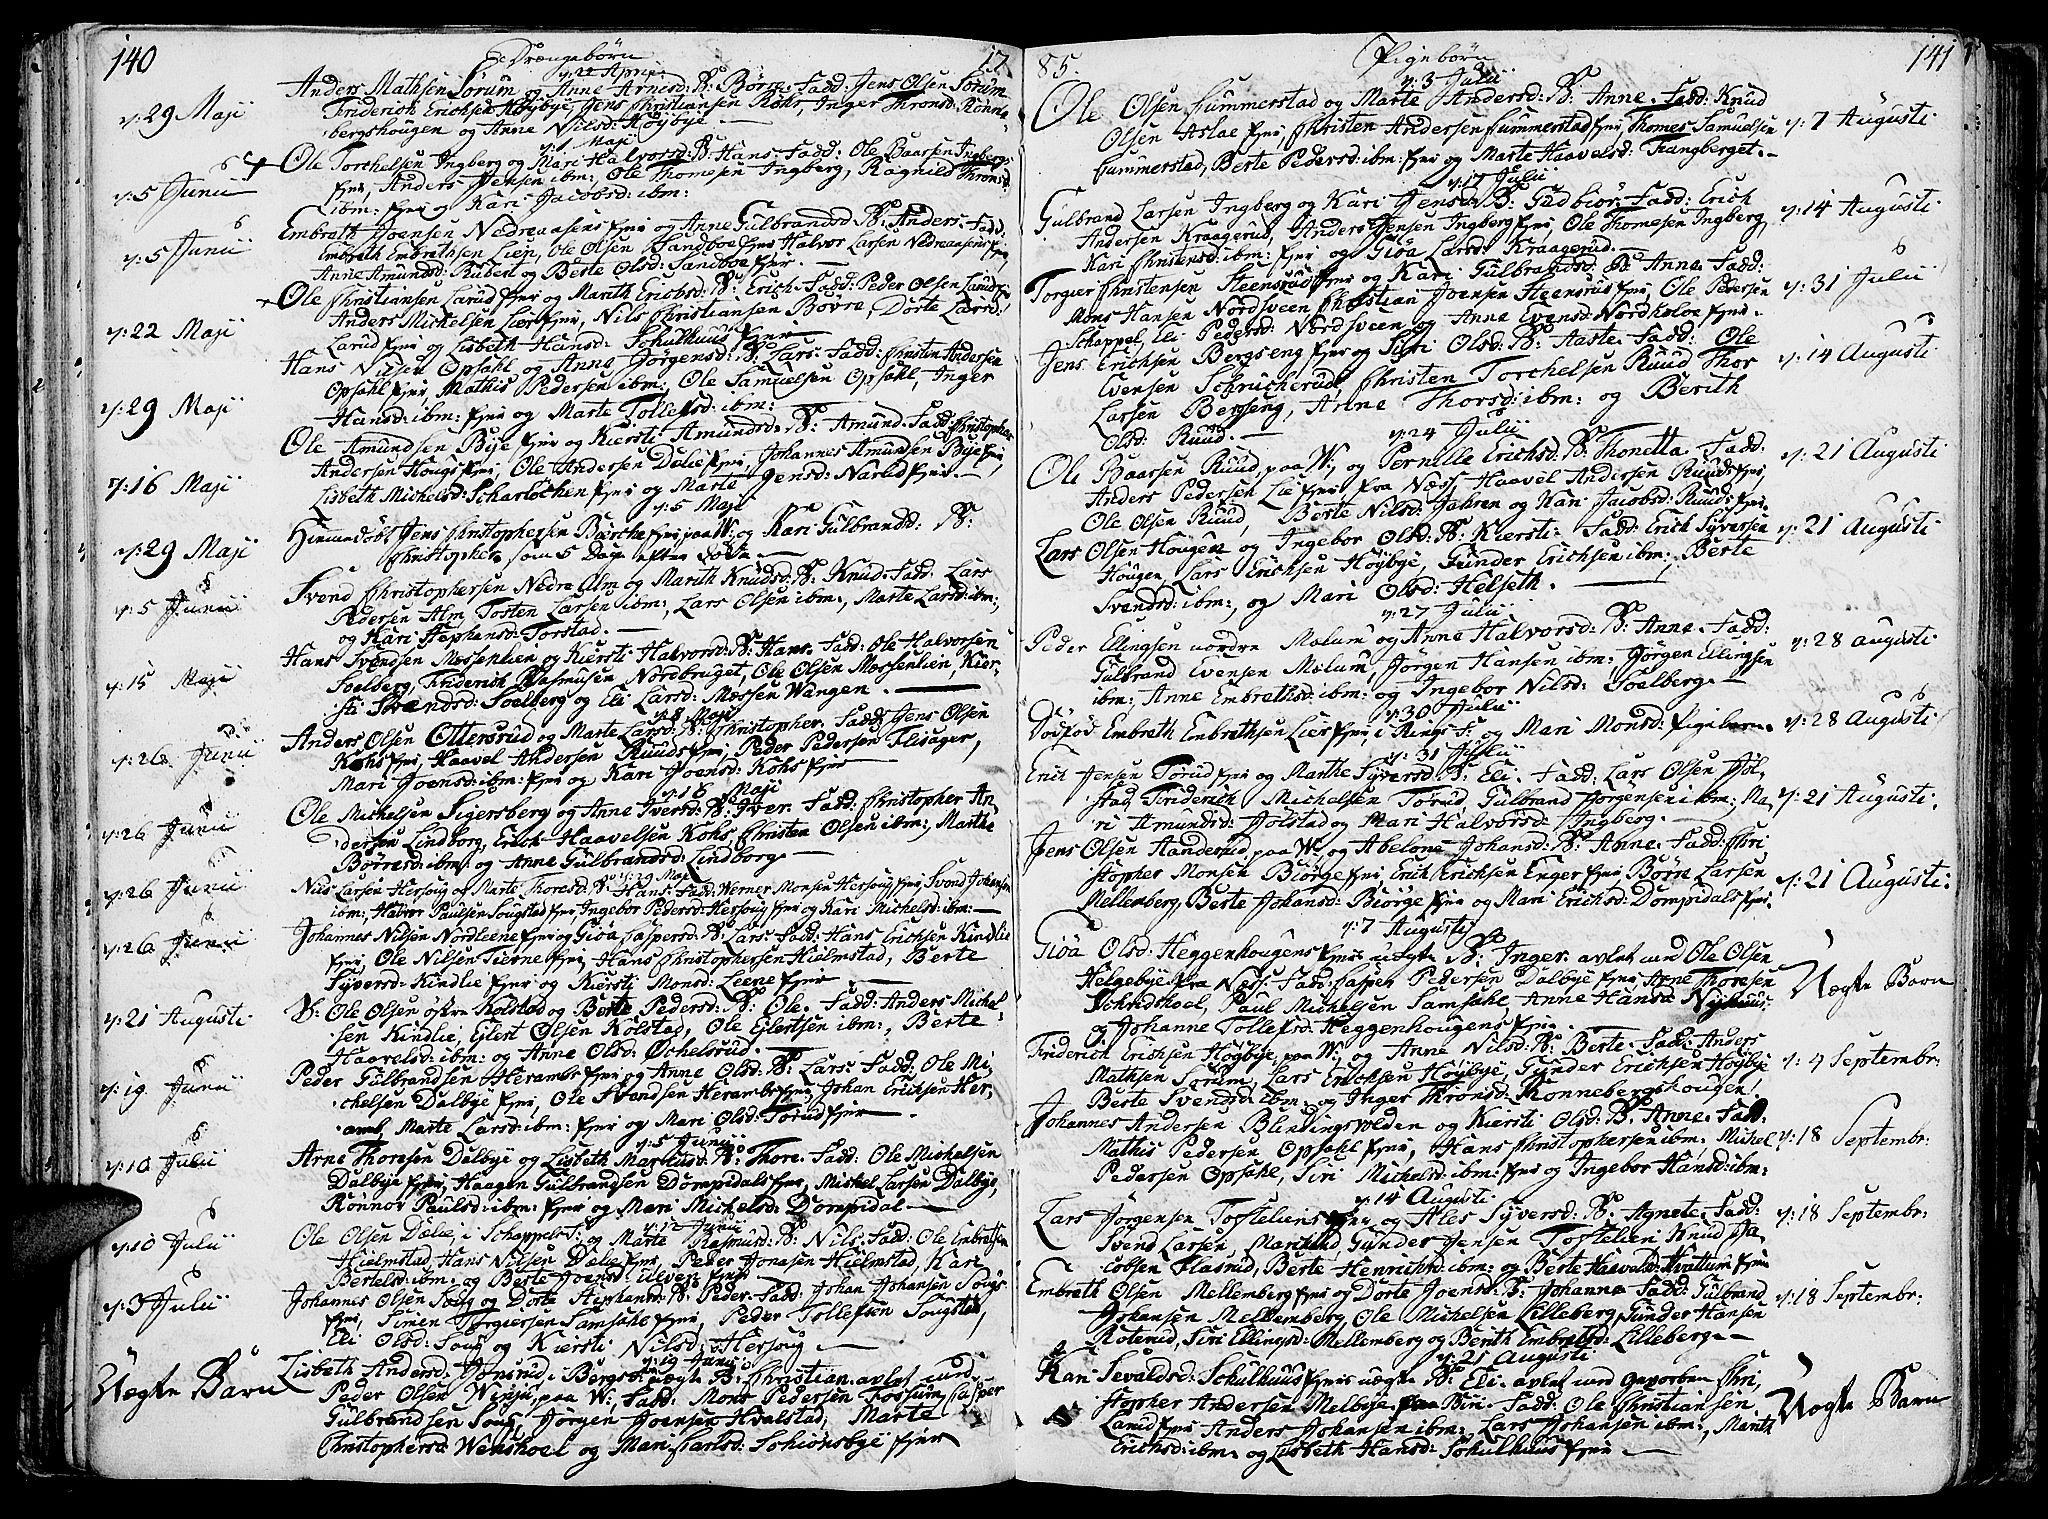 SAH, Ringsaker prestekontor, K/Ka/L0003: Parish register (official) no. 3, 1775-1798, p. 140-141